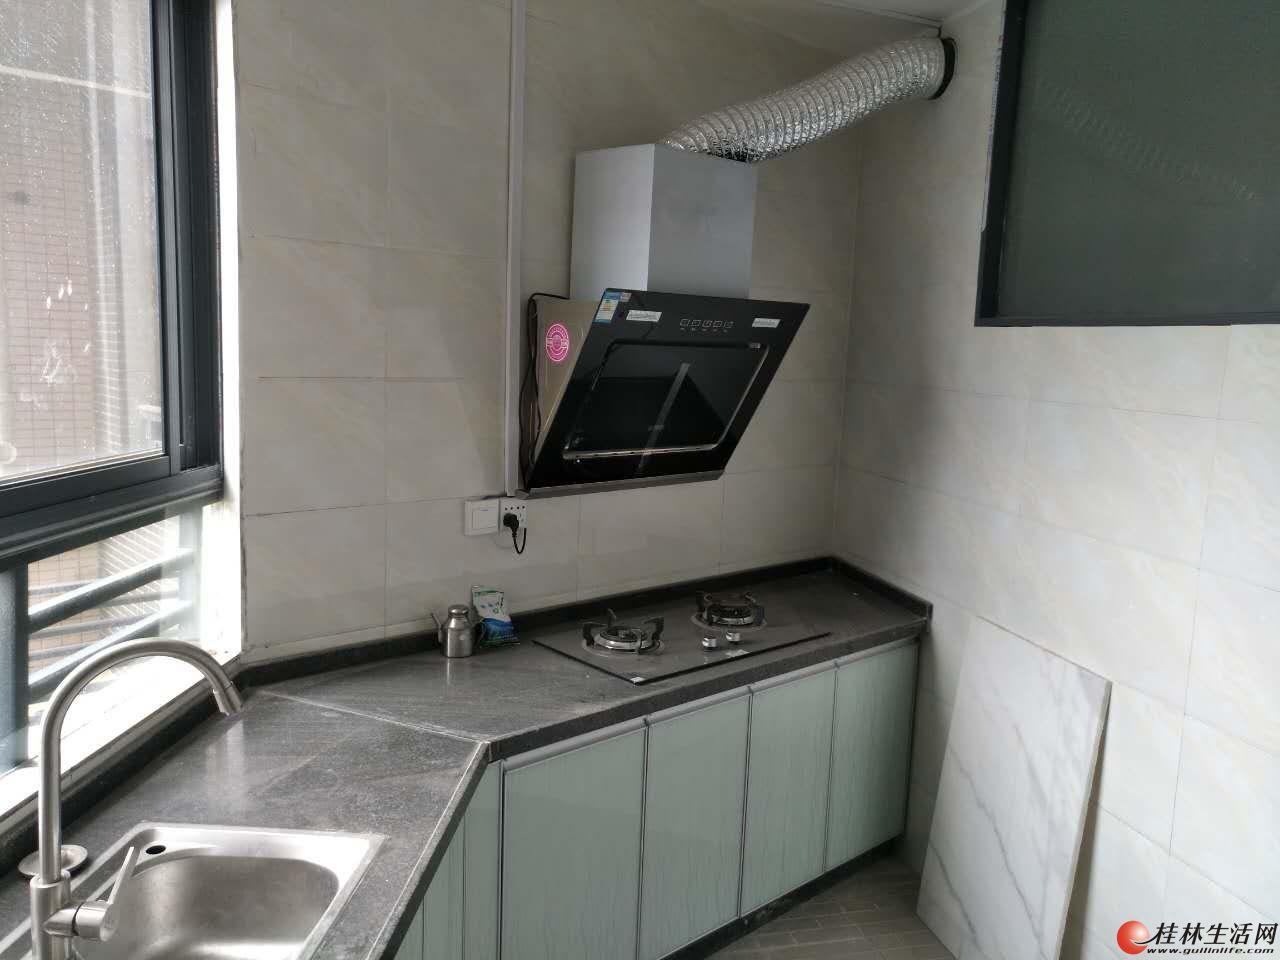 怡和东岸 2房2厅1卫 电梯  精装  两台空调  96平方米  小区环境好  1800元月  家电齐